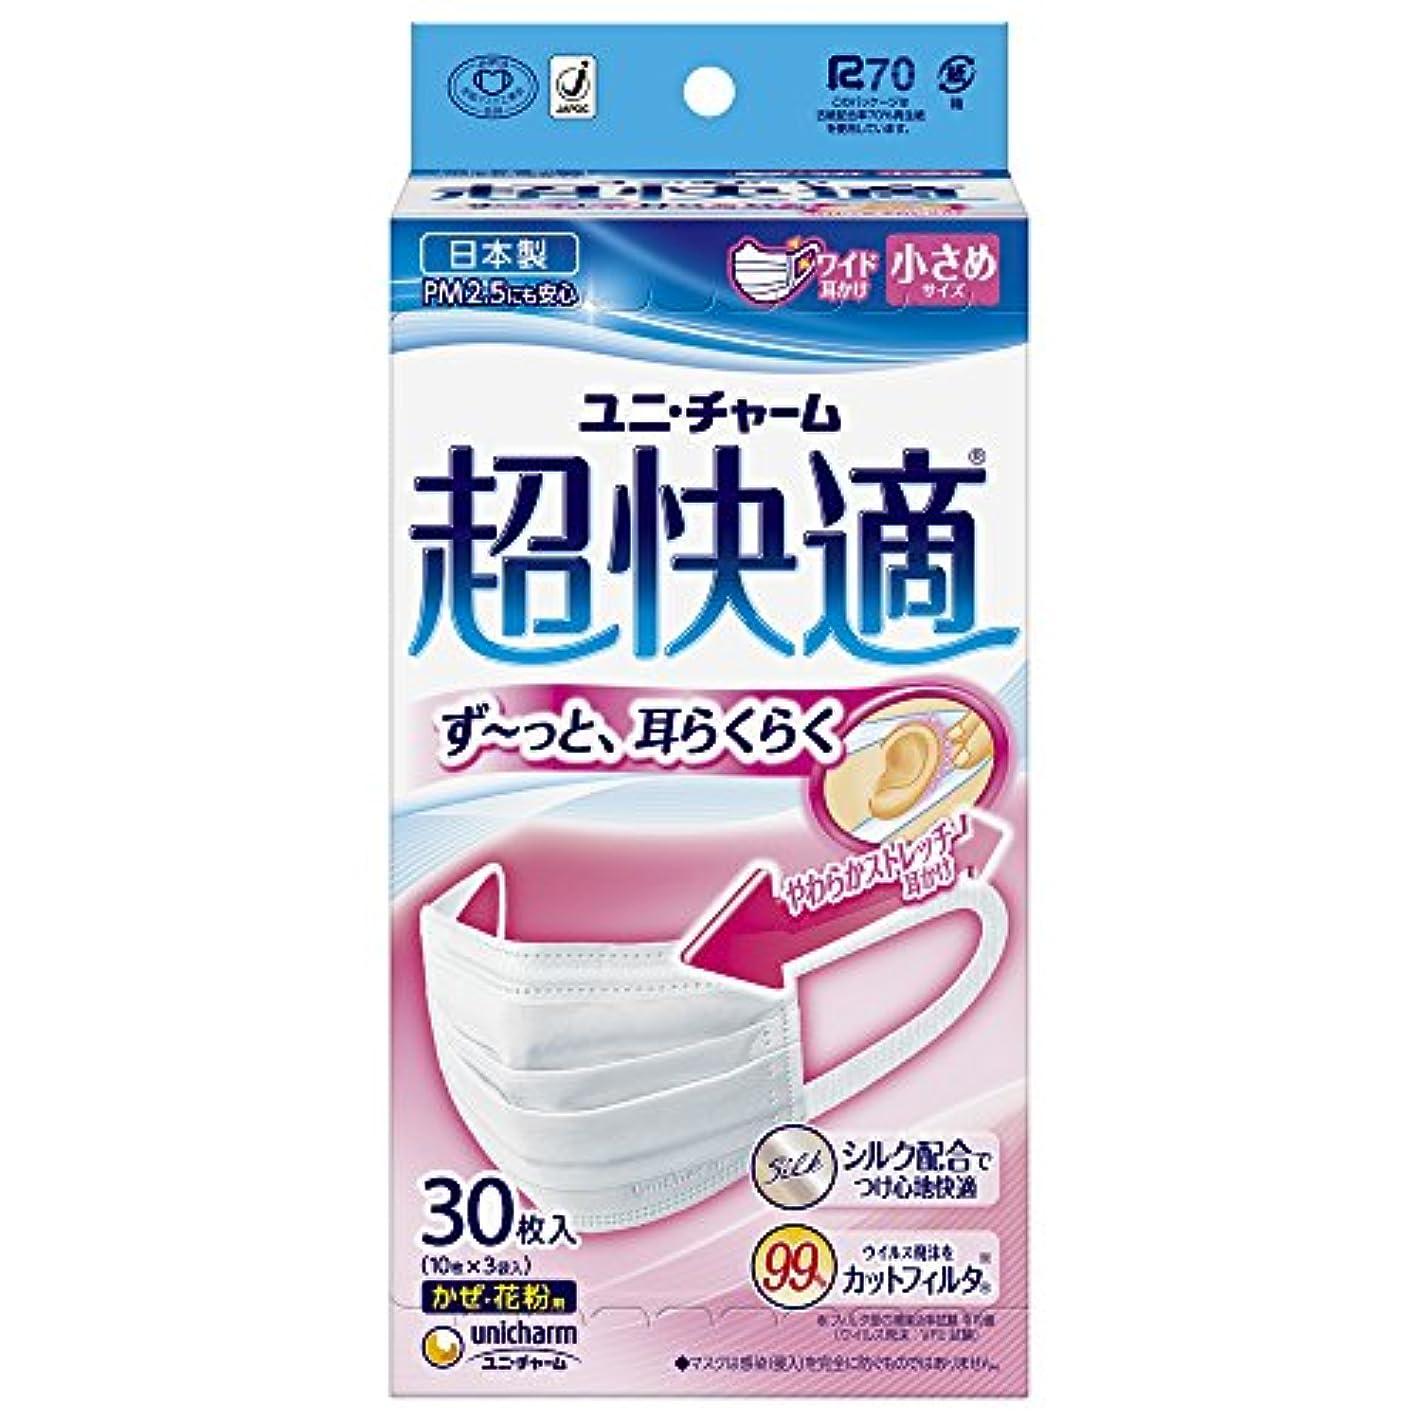 蒸し器マーカー対応(日本製 PM2.5対応)超快適マスク プリ-ツタイプ 小さめ 30枚入(unicharm)